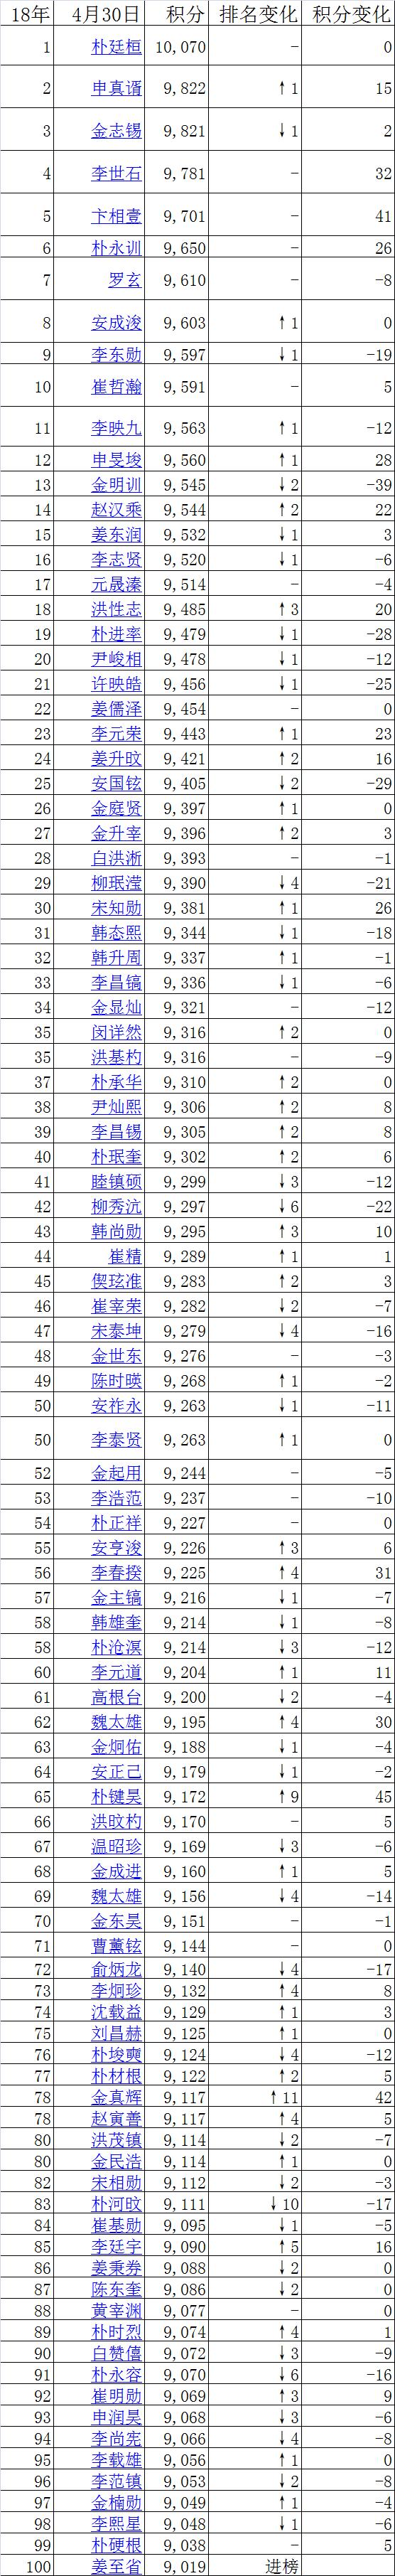 朴廷桓原地领跑韩国申真谞1分反超金志锡